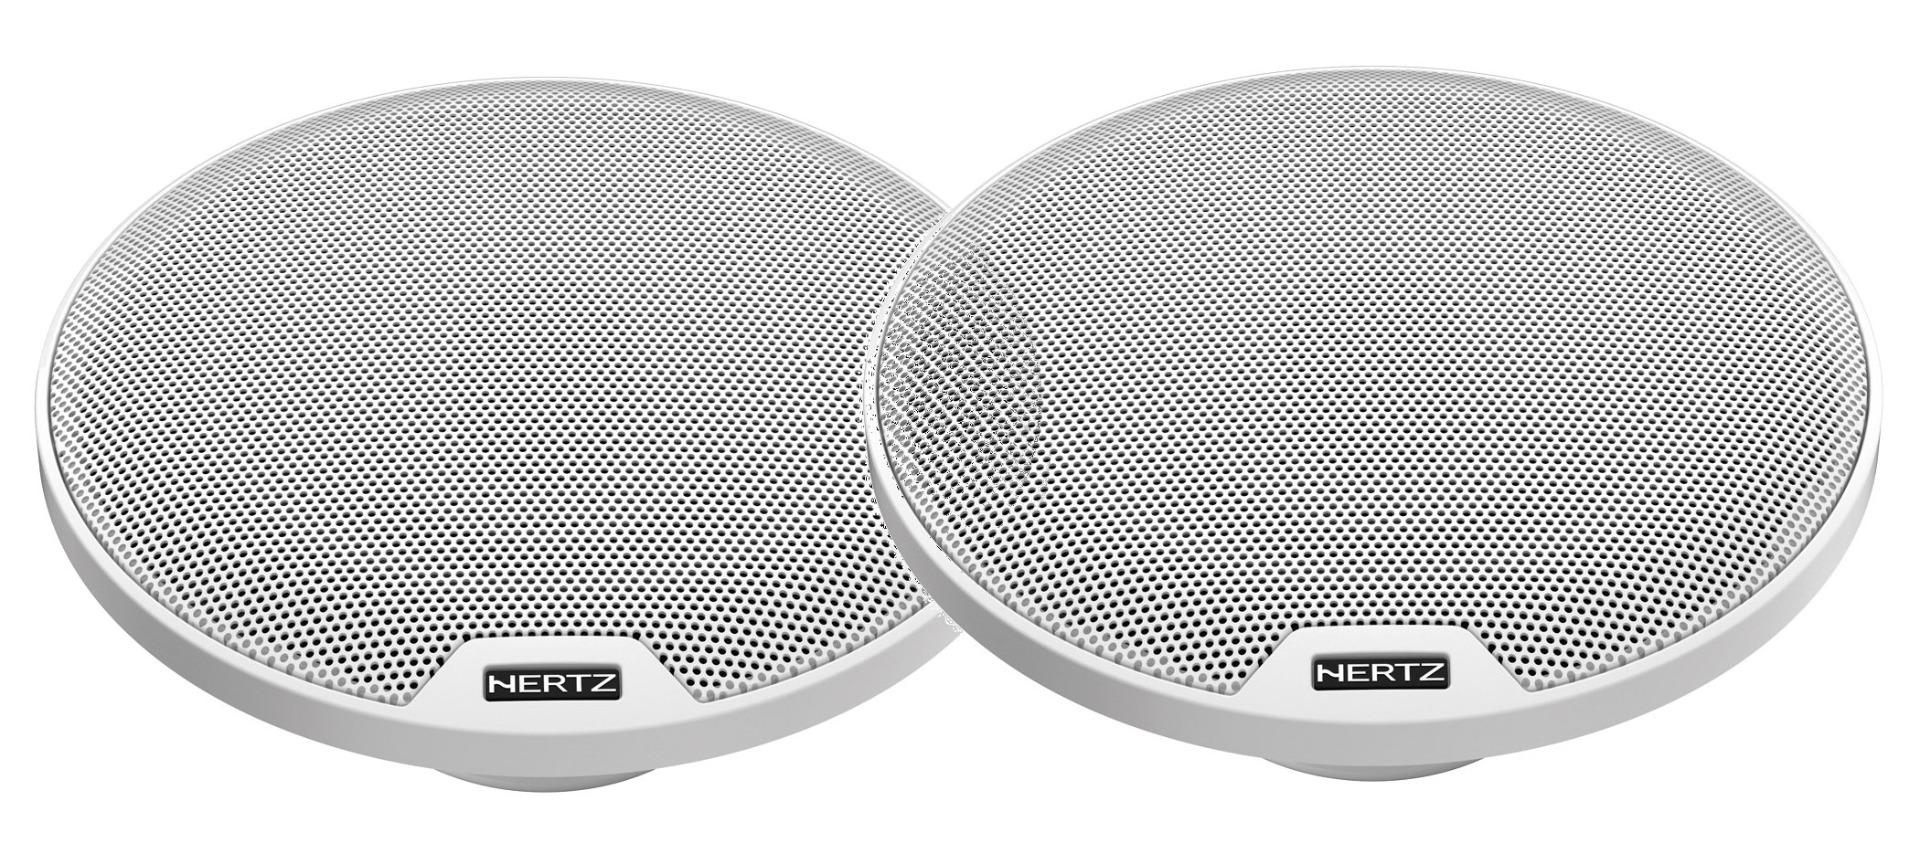 """Hertz HEX 6.5 C-W 6.5 """"MARINE COAX CLASSIC - Marine Outdoor Speaker 1 Paar"""